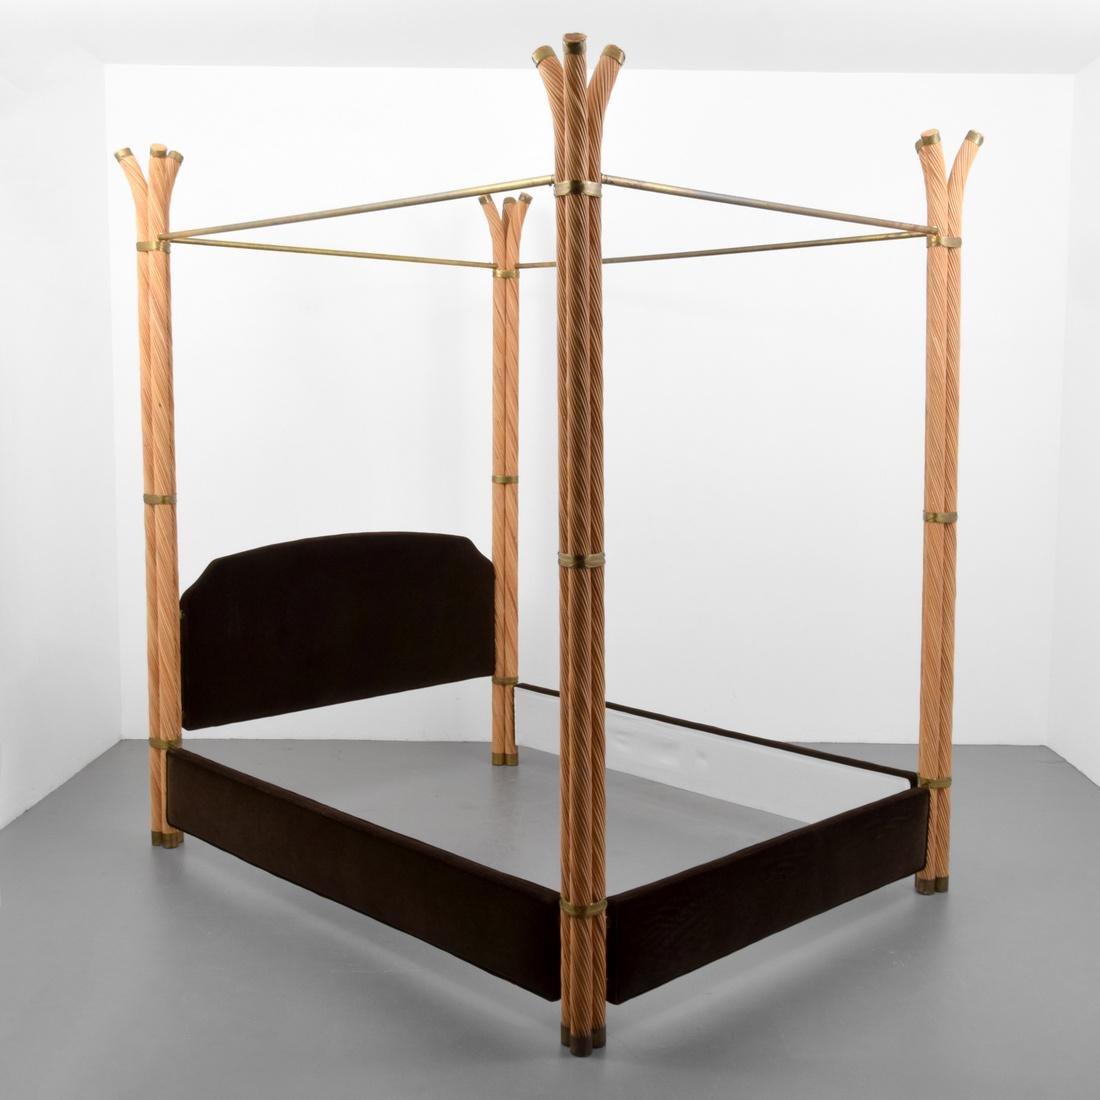 Gabriella Crespi Bed